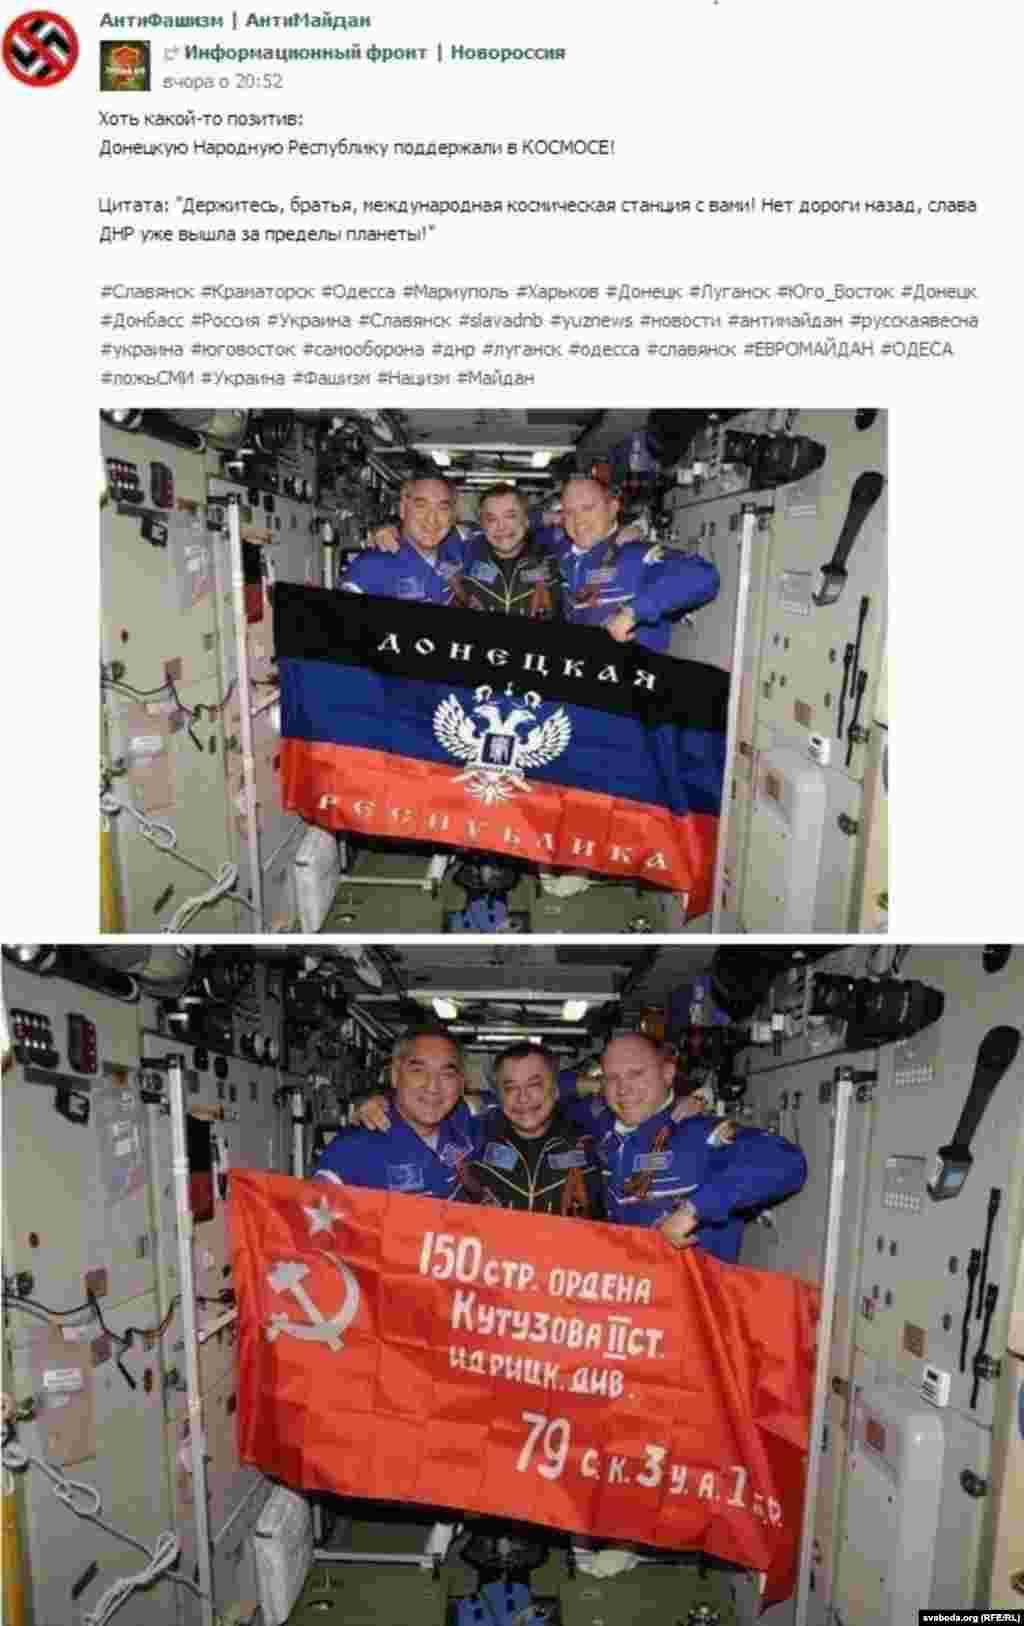 """Компьютерлік бағдарламаның арқасында """"Донецк халық республикасының"""" туы """"ғарыш станциясына"""" шығып кетті."""